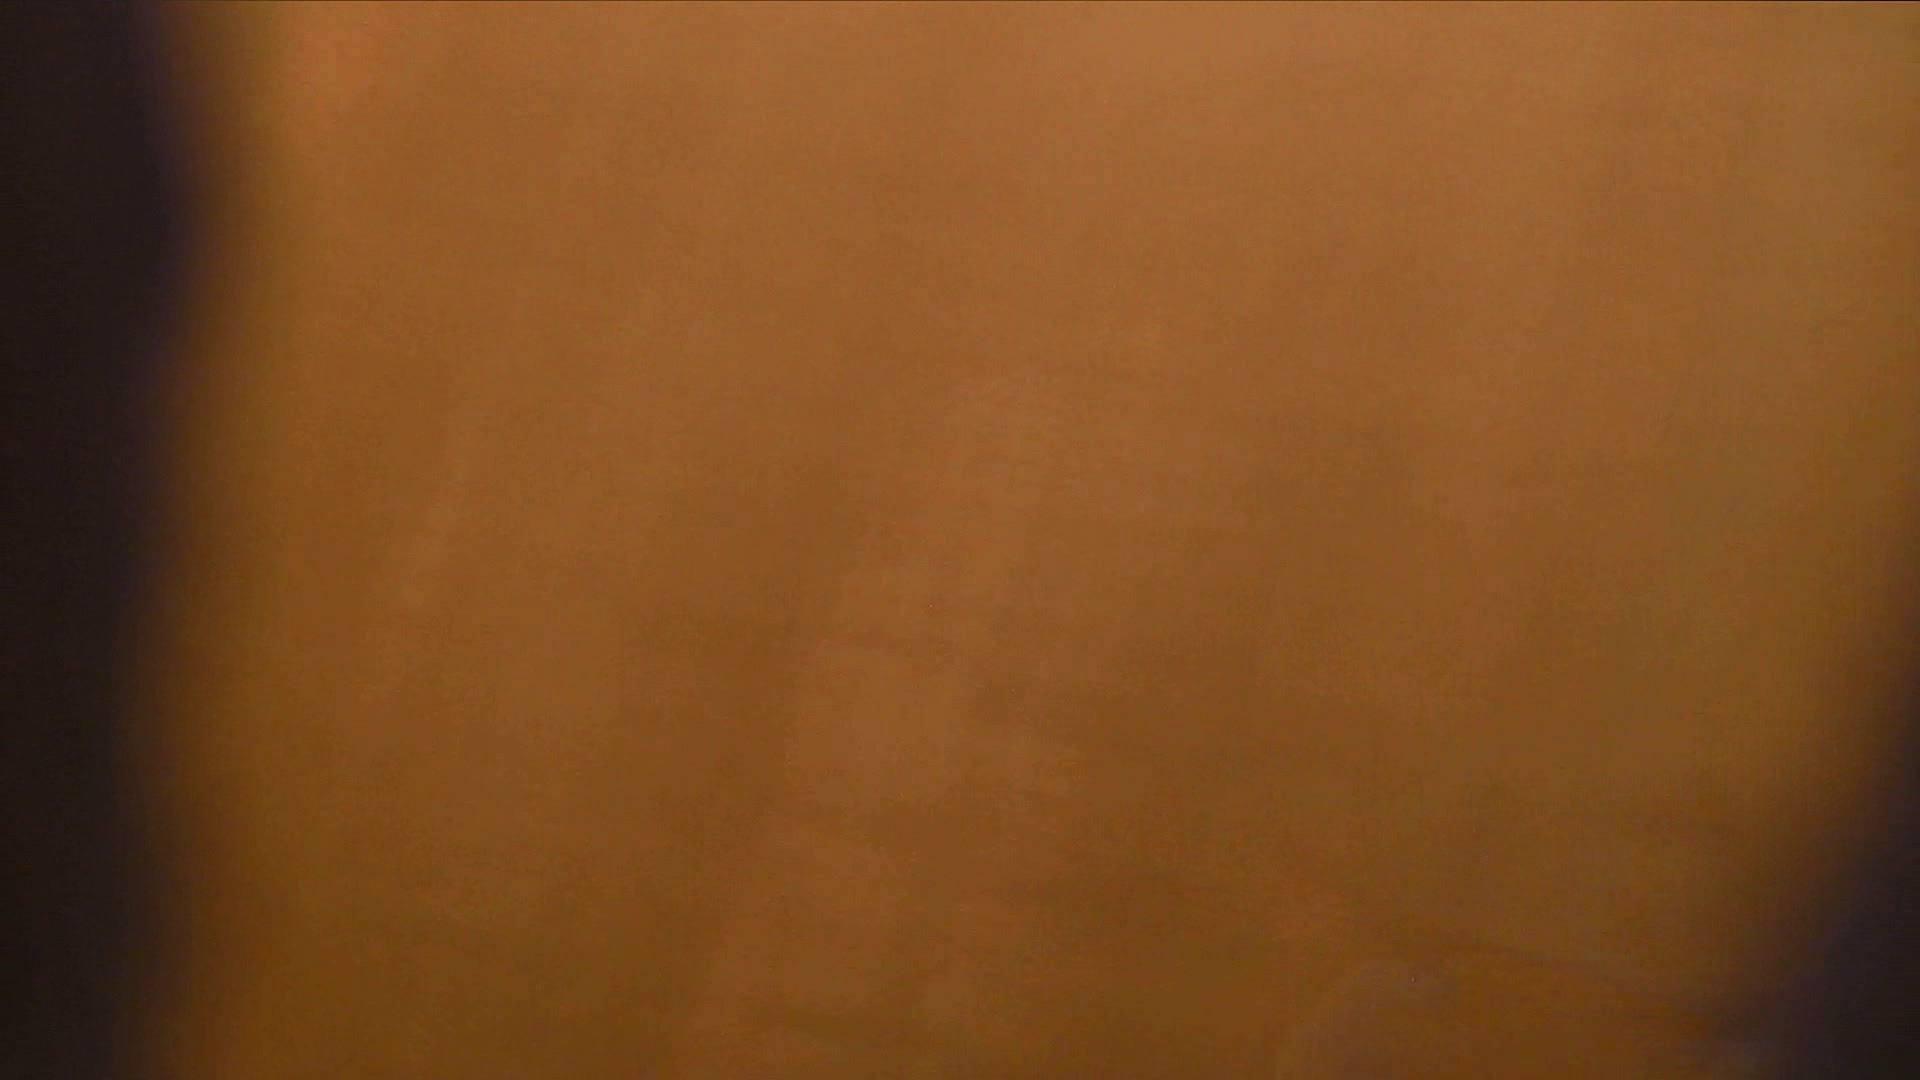 阿国ちゃんの「和式洋式七変化」No.4 洗面所 | 和式  97pic 97